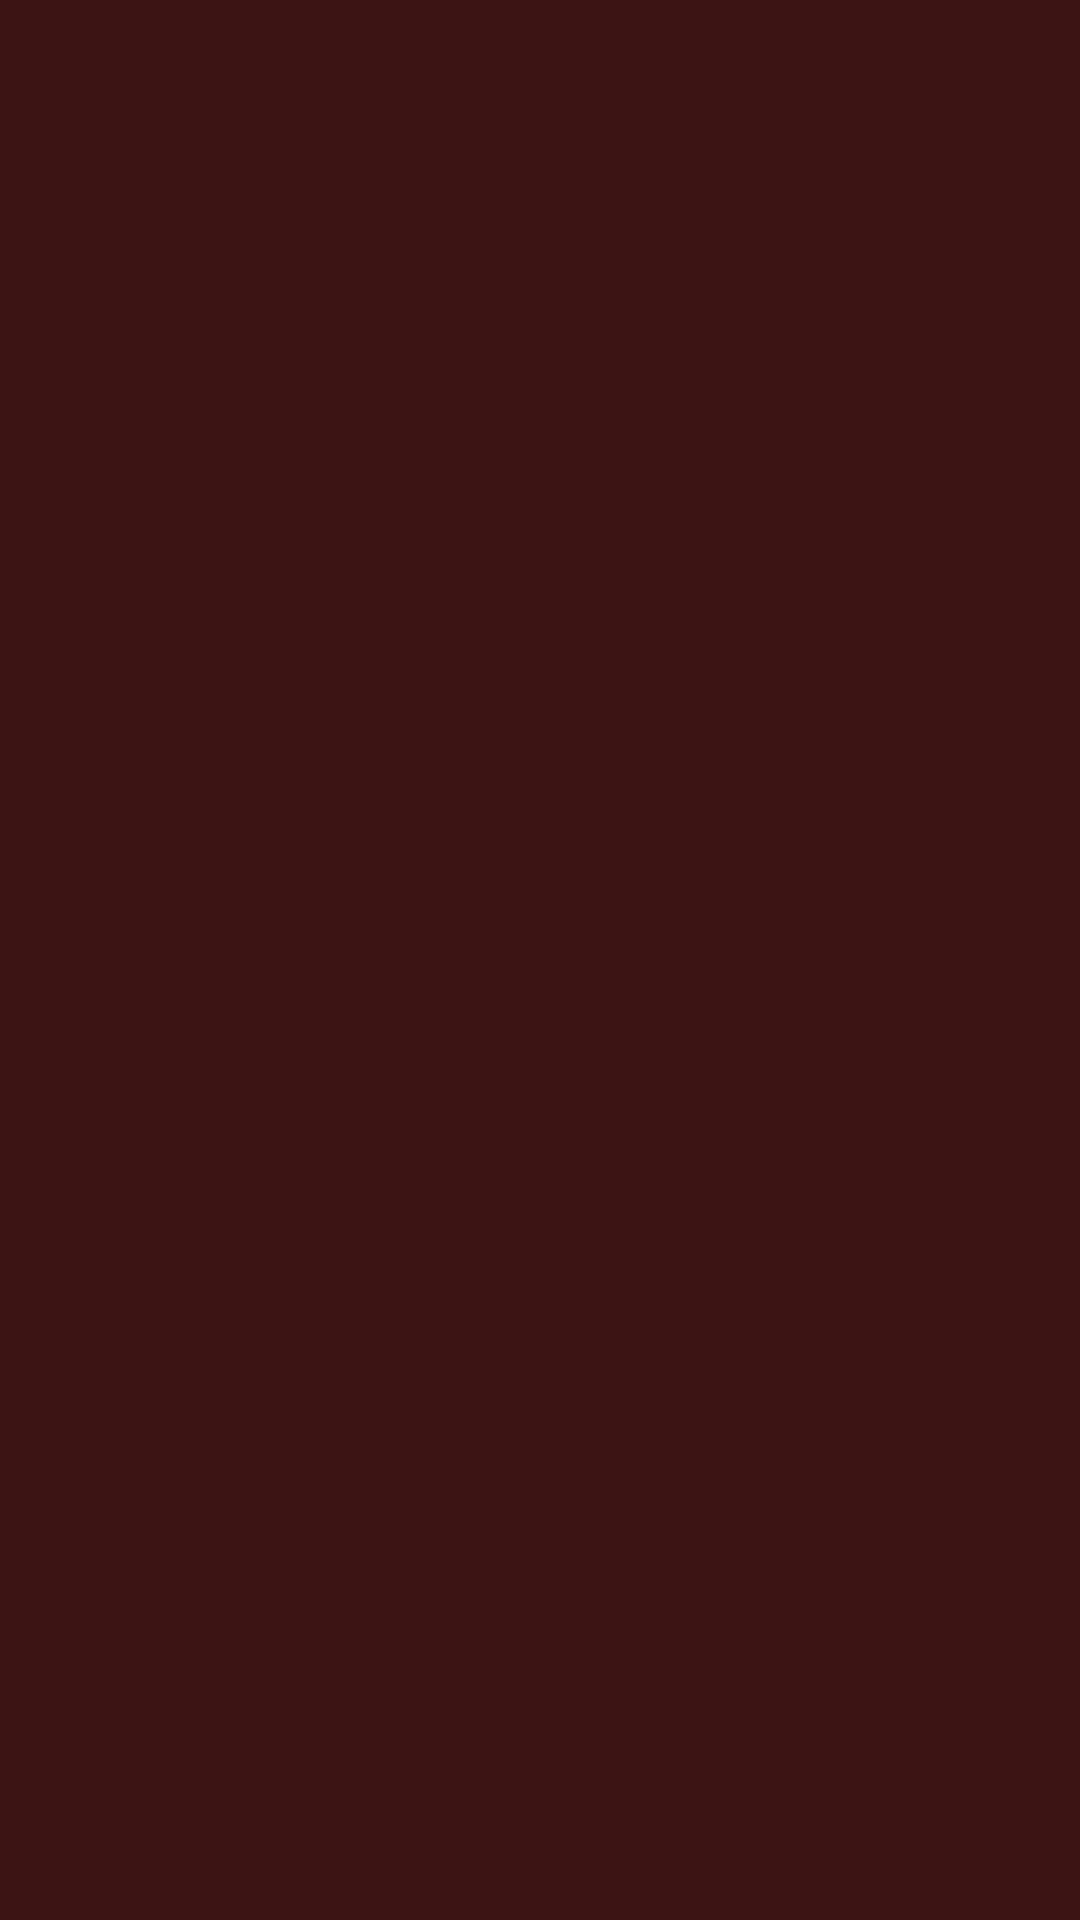 1080x1920 Dark Sienna Solid Color Background